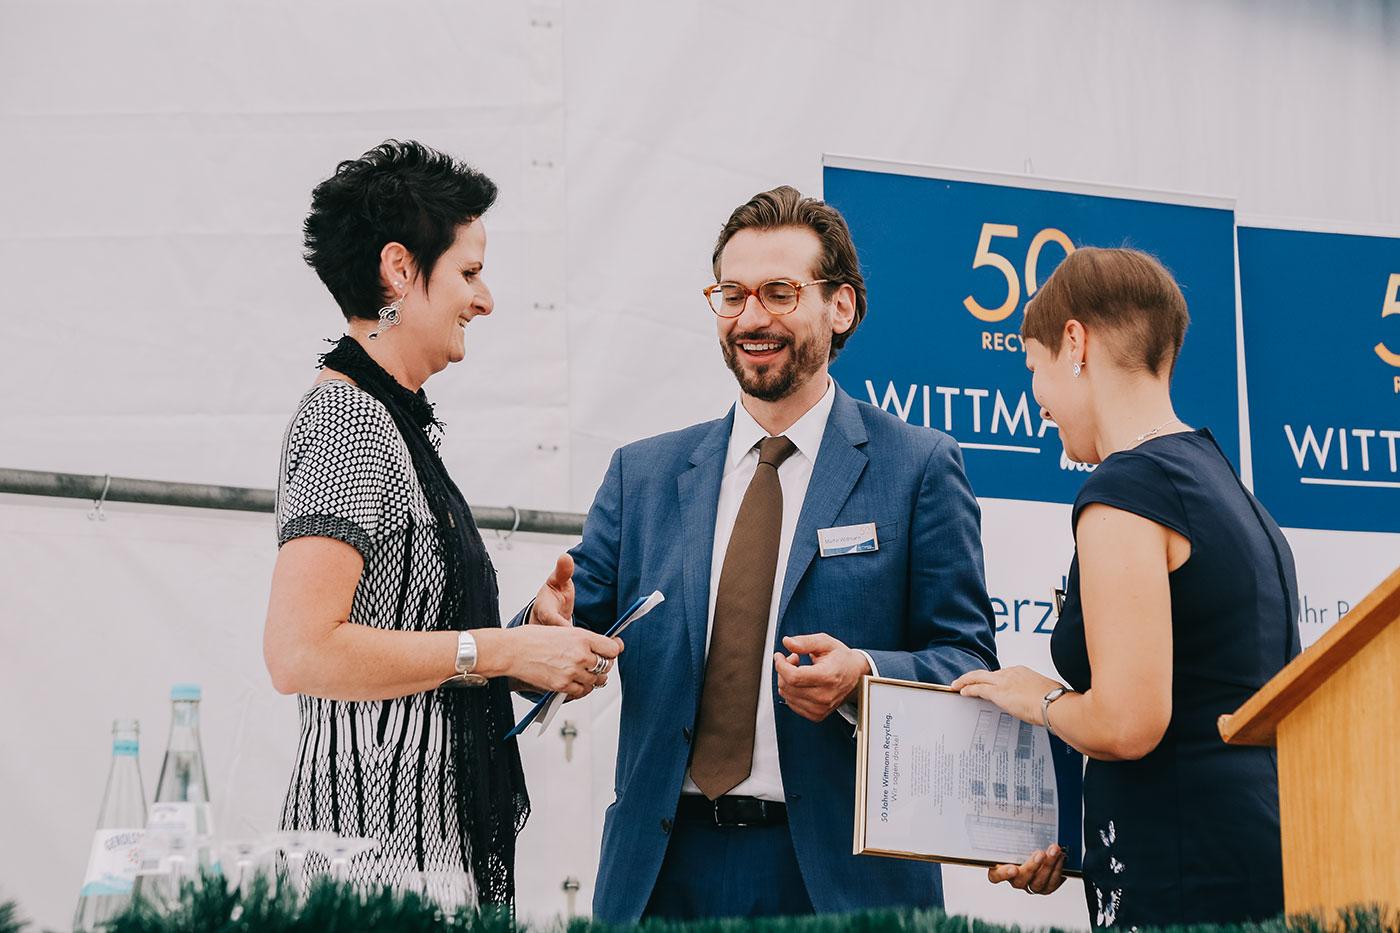 Martin Wittmann auf der Bühne des 50 Jahre Wittmann Recycling Jubiläum